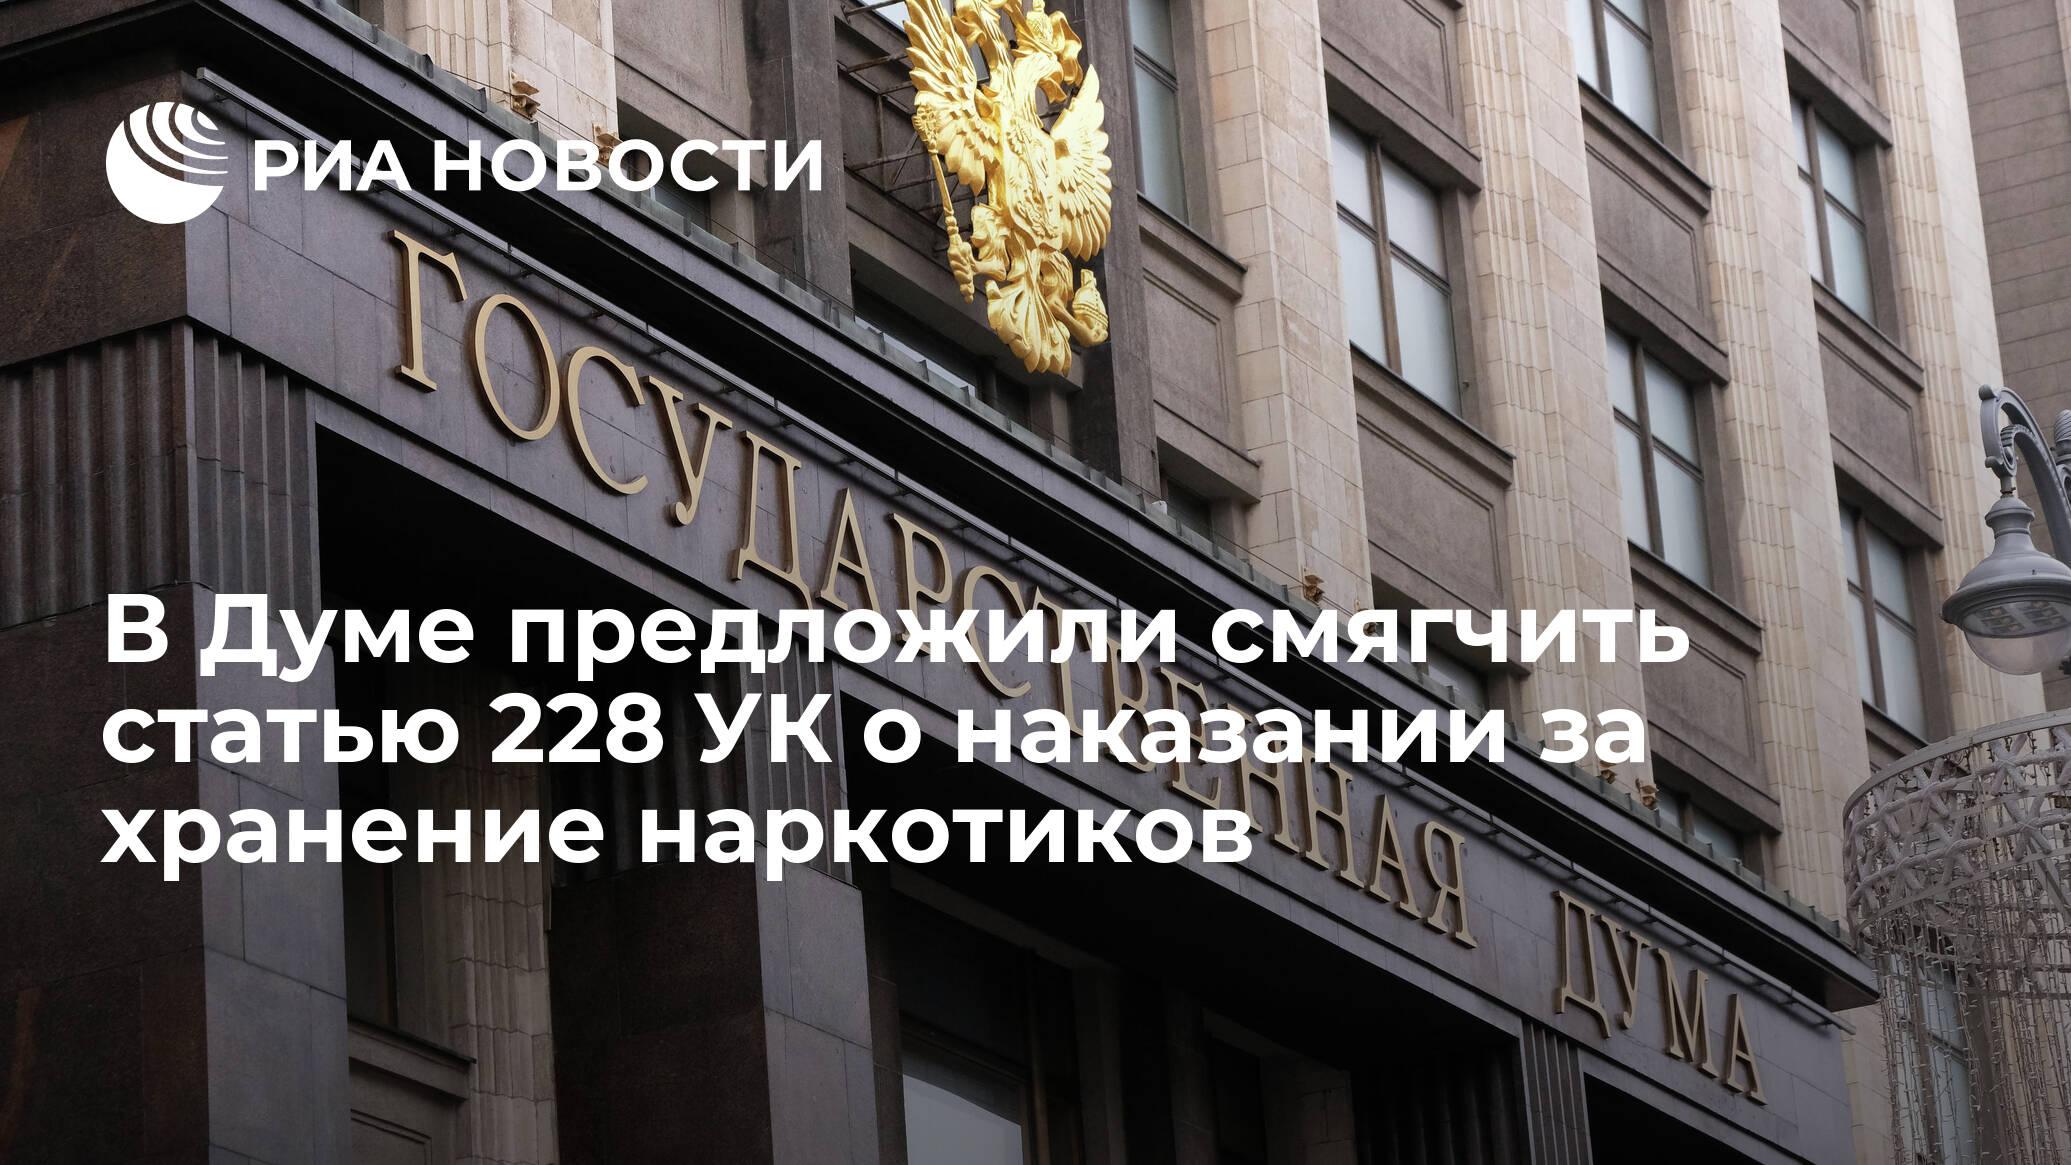 ГД разработала поправки к статье 228 УК о наказании за хранение наркотиков